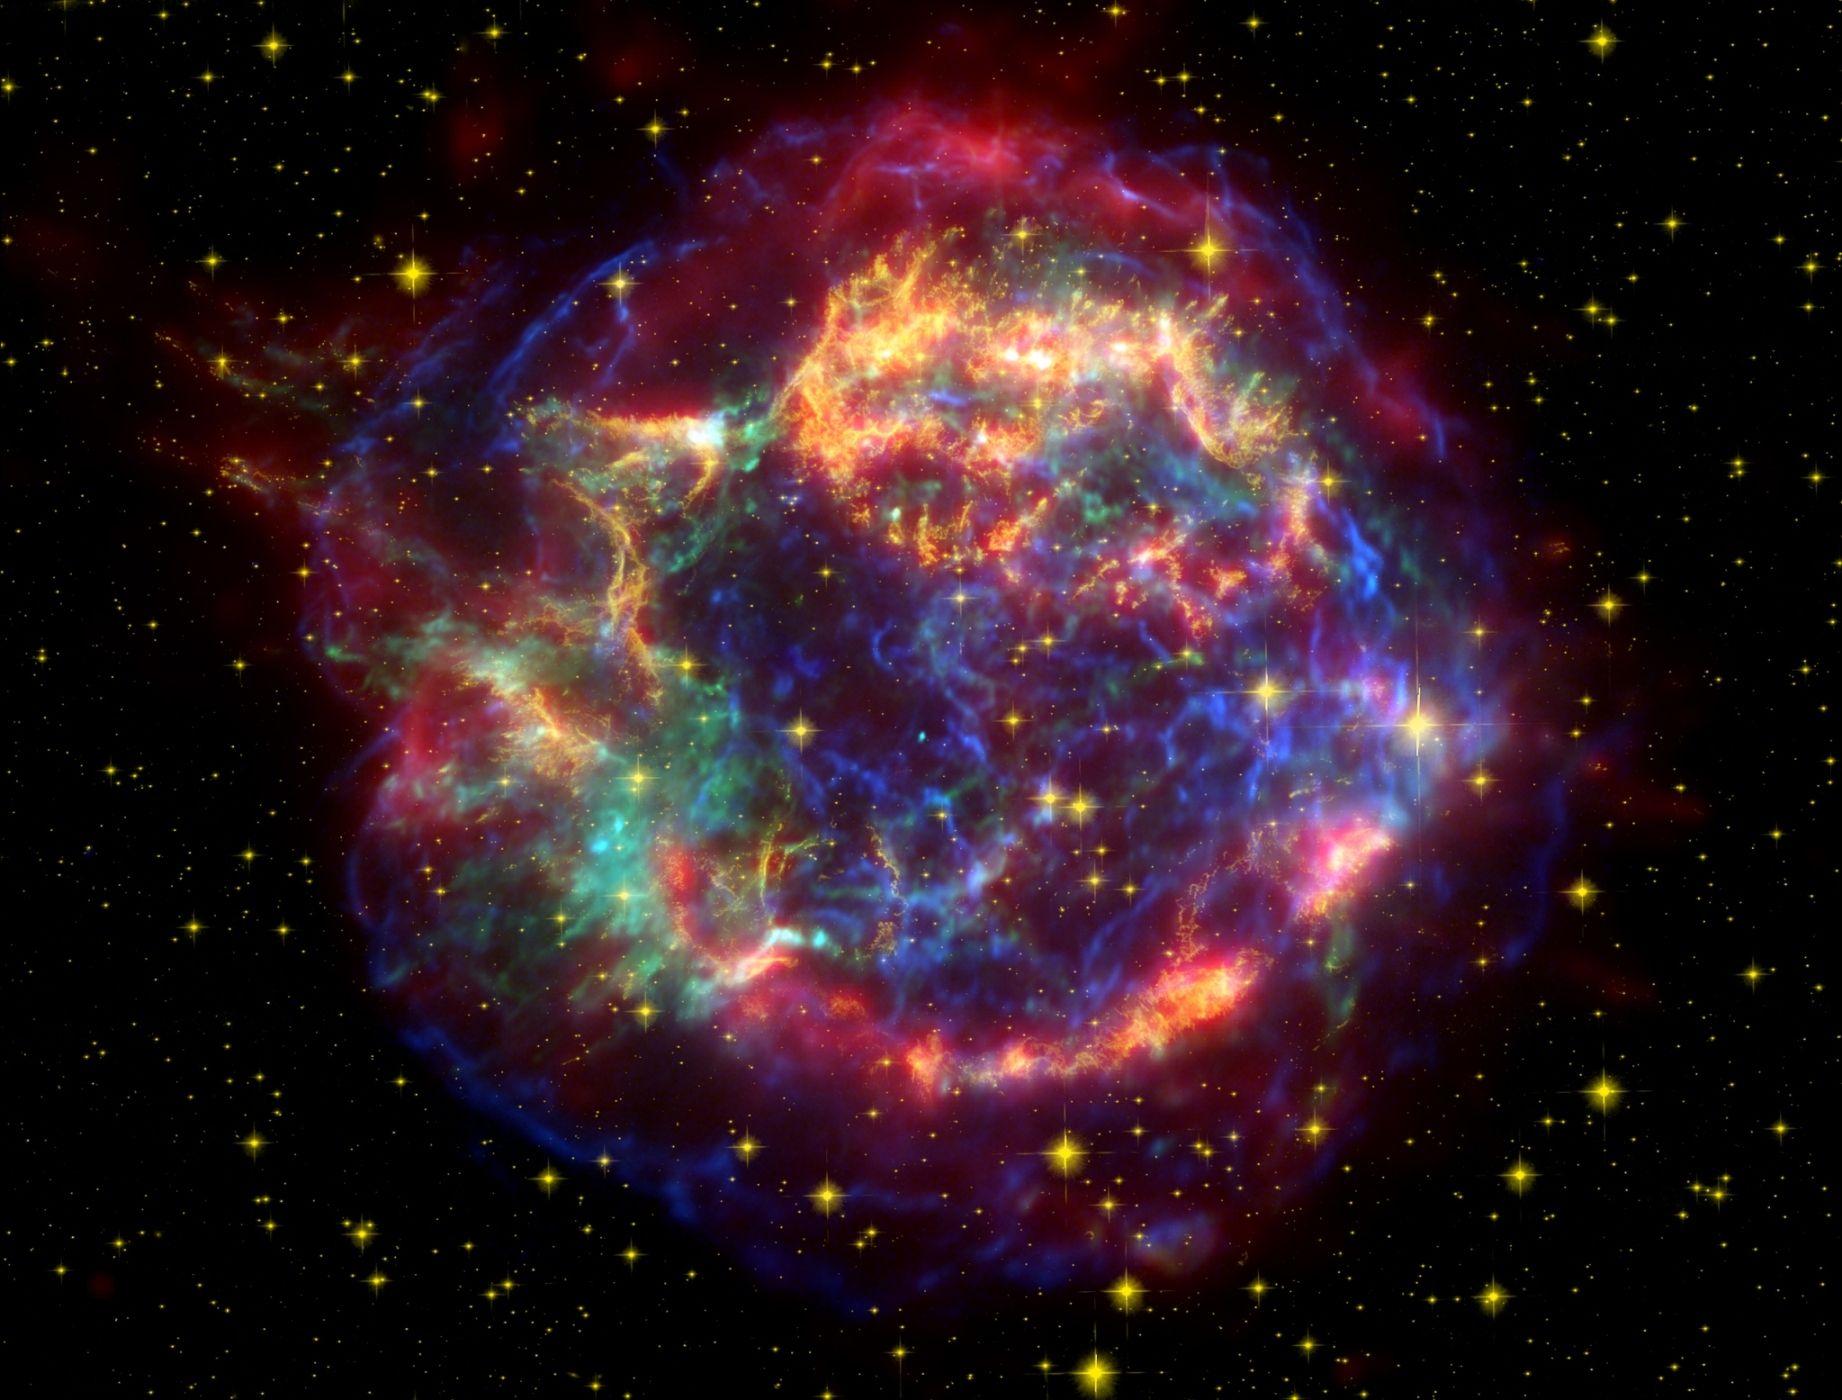 cassiopia a Spitzer space telescope